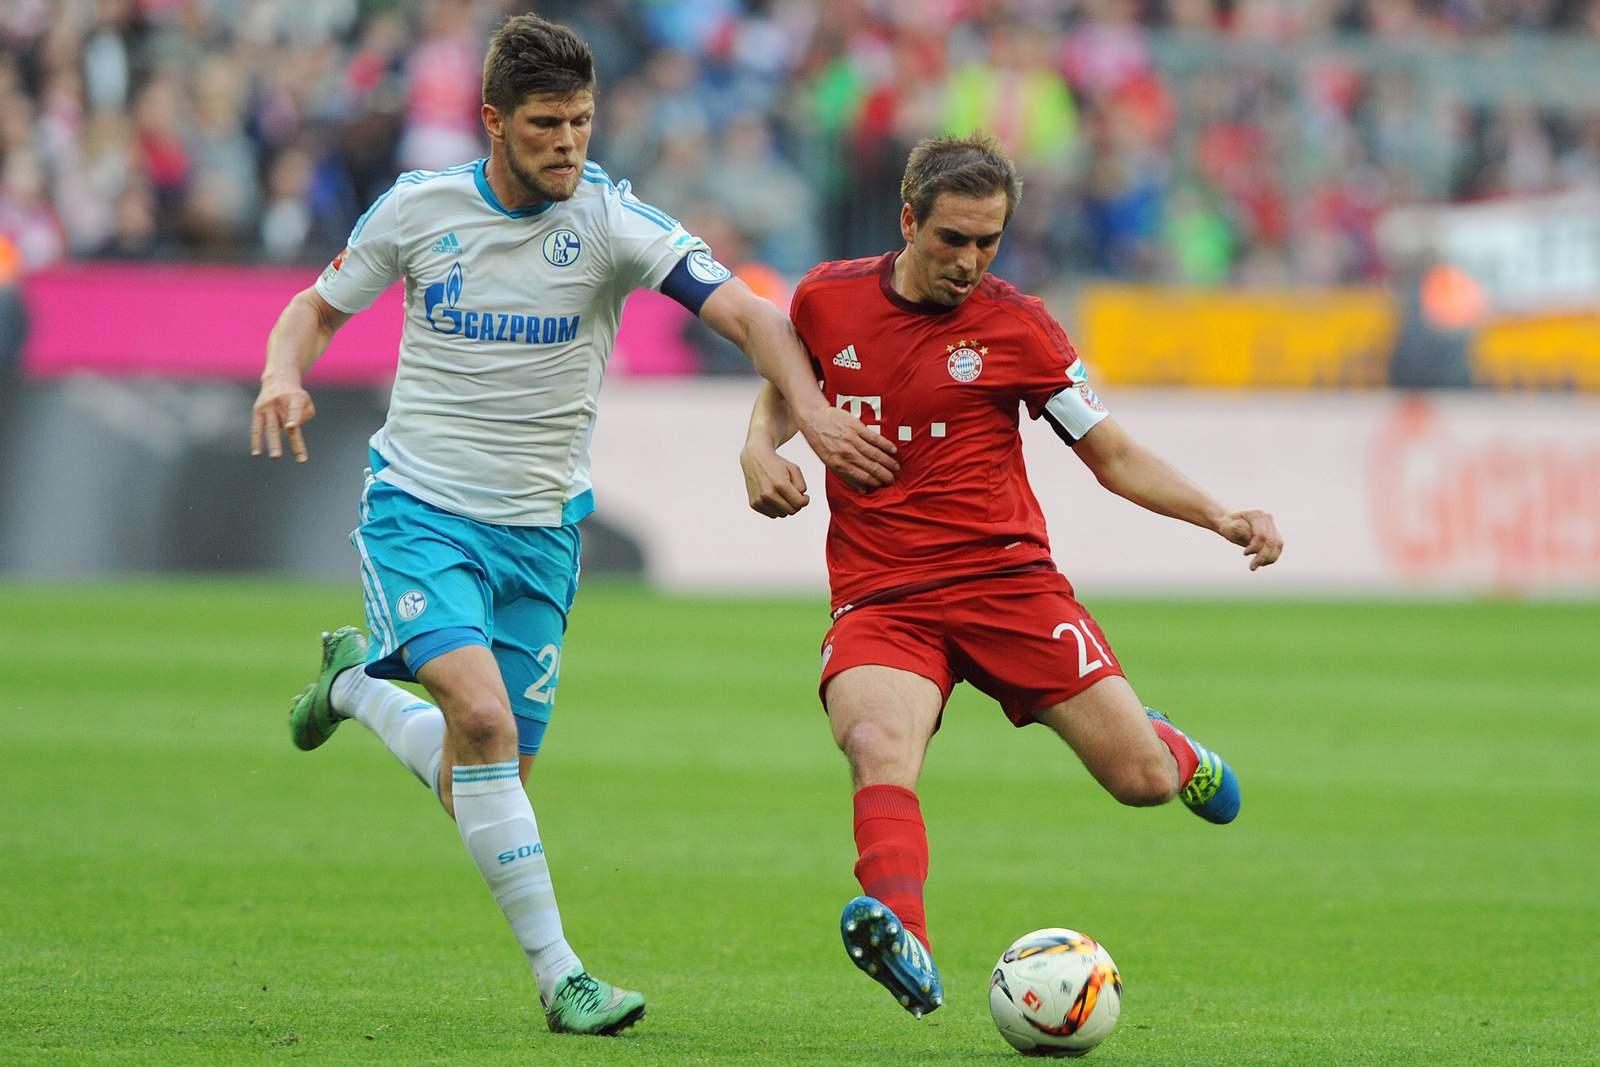 Philipp Lahm im Duell mit Klaas-Jan Huntelaar. Jetzt auf Bayern gegen Schalke wetten!